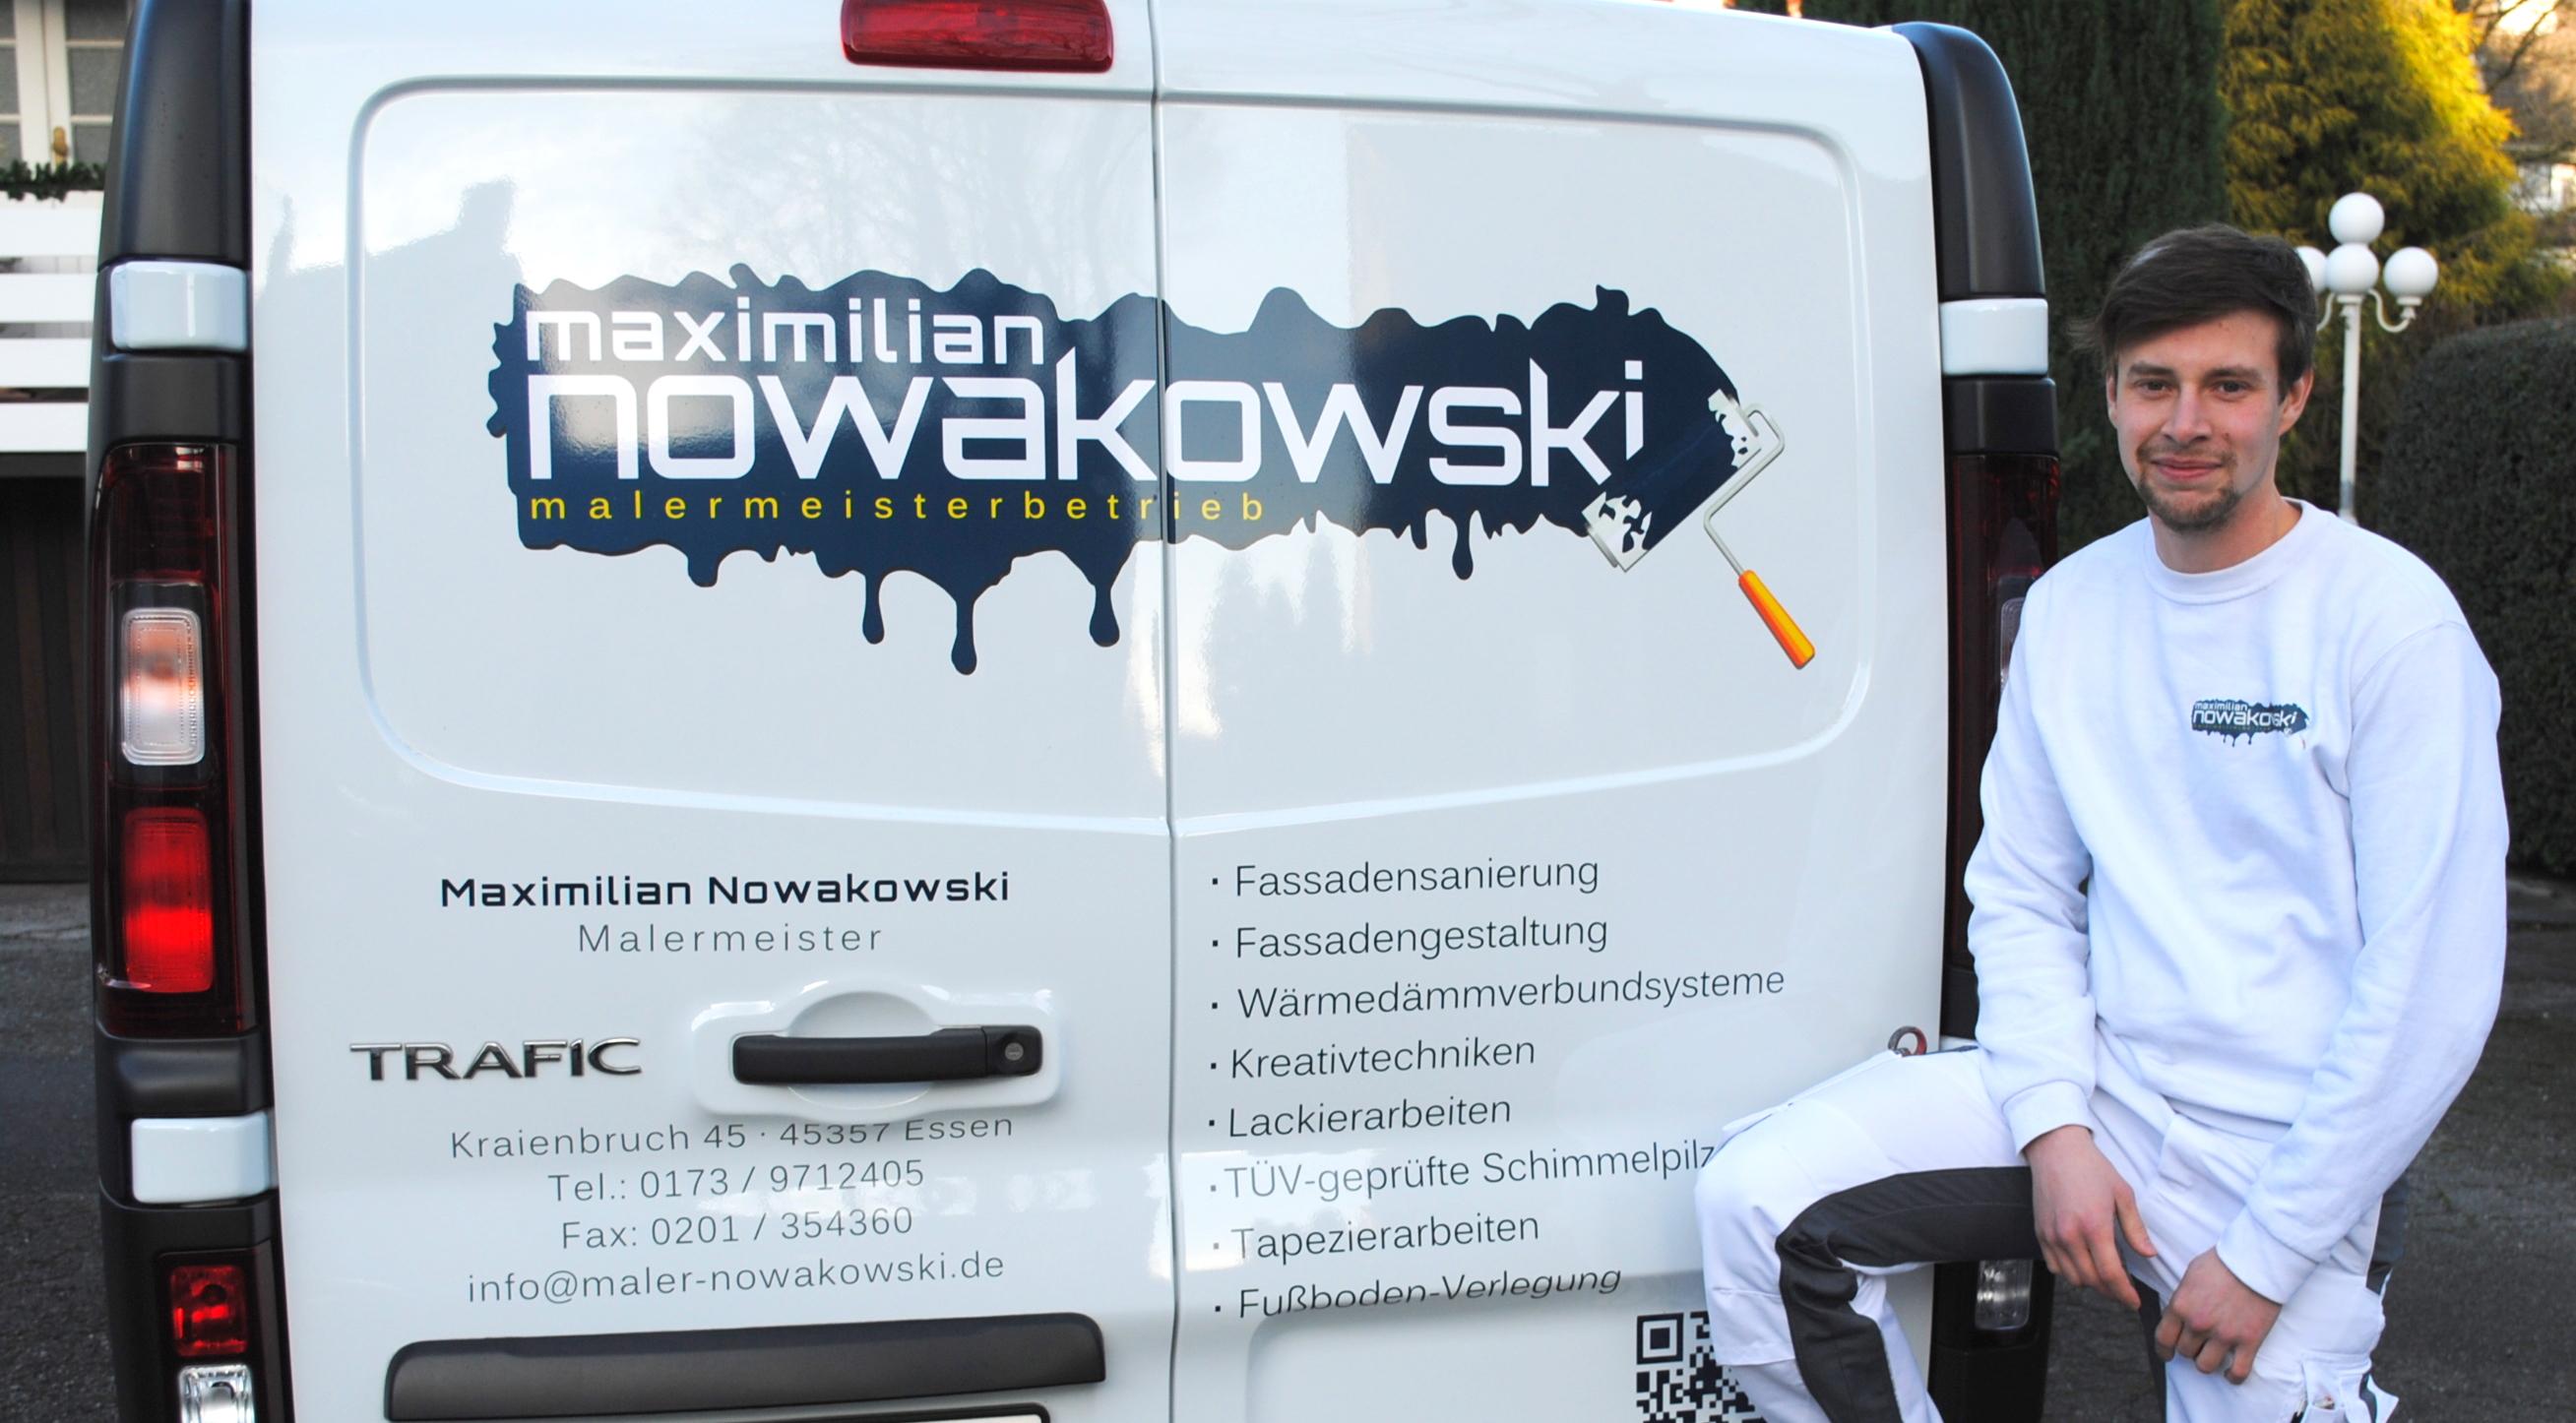 Fußboden Verlegen Bochum ~ Max auto u2022 malermeisterbetrieb maximilian nowakowski maler